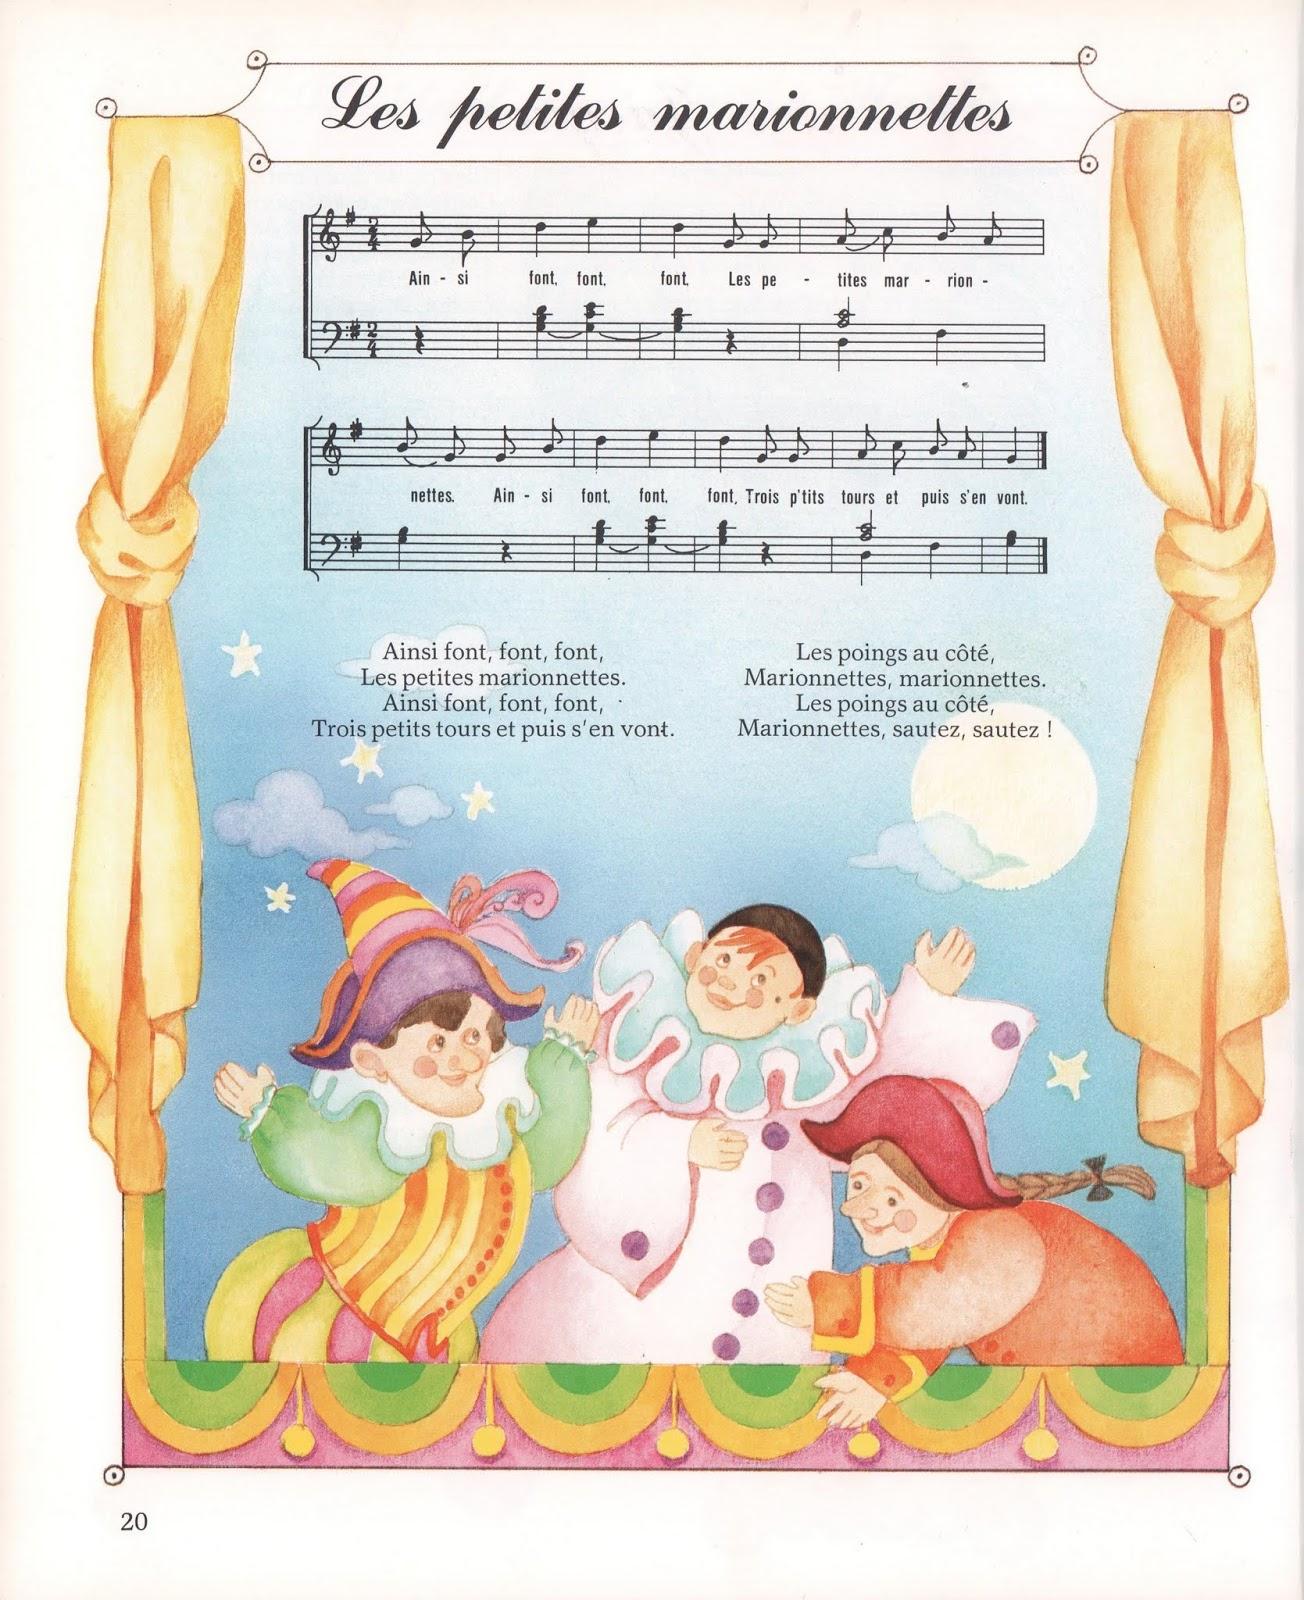 École : Références: Les Petites Marionnettes avec Les Petites Marionnettes Chanson